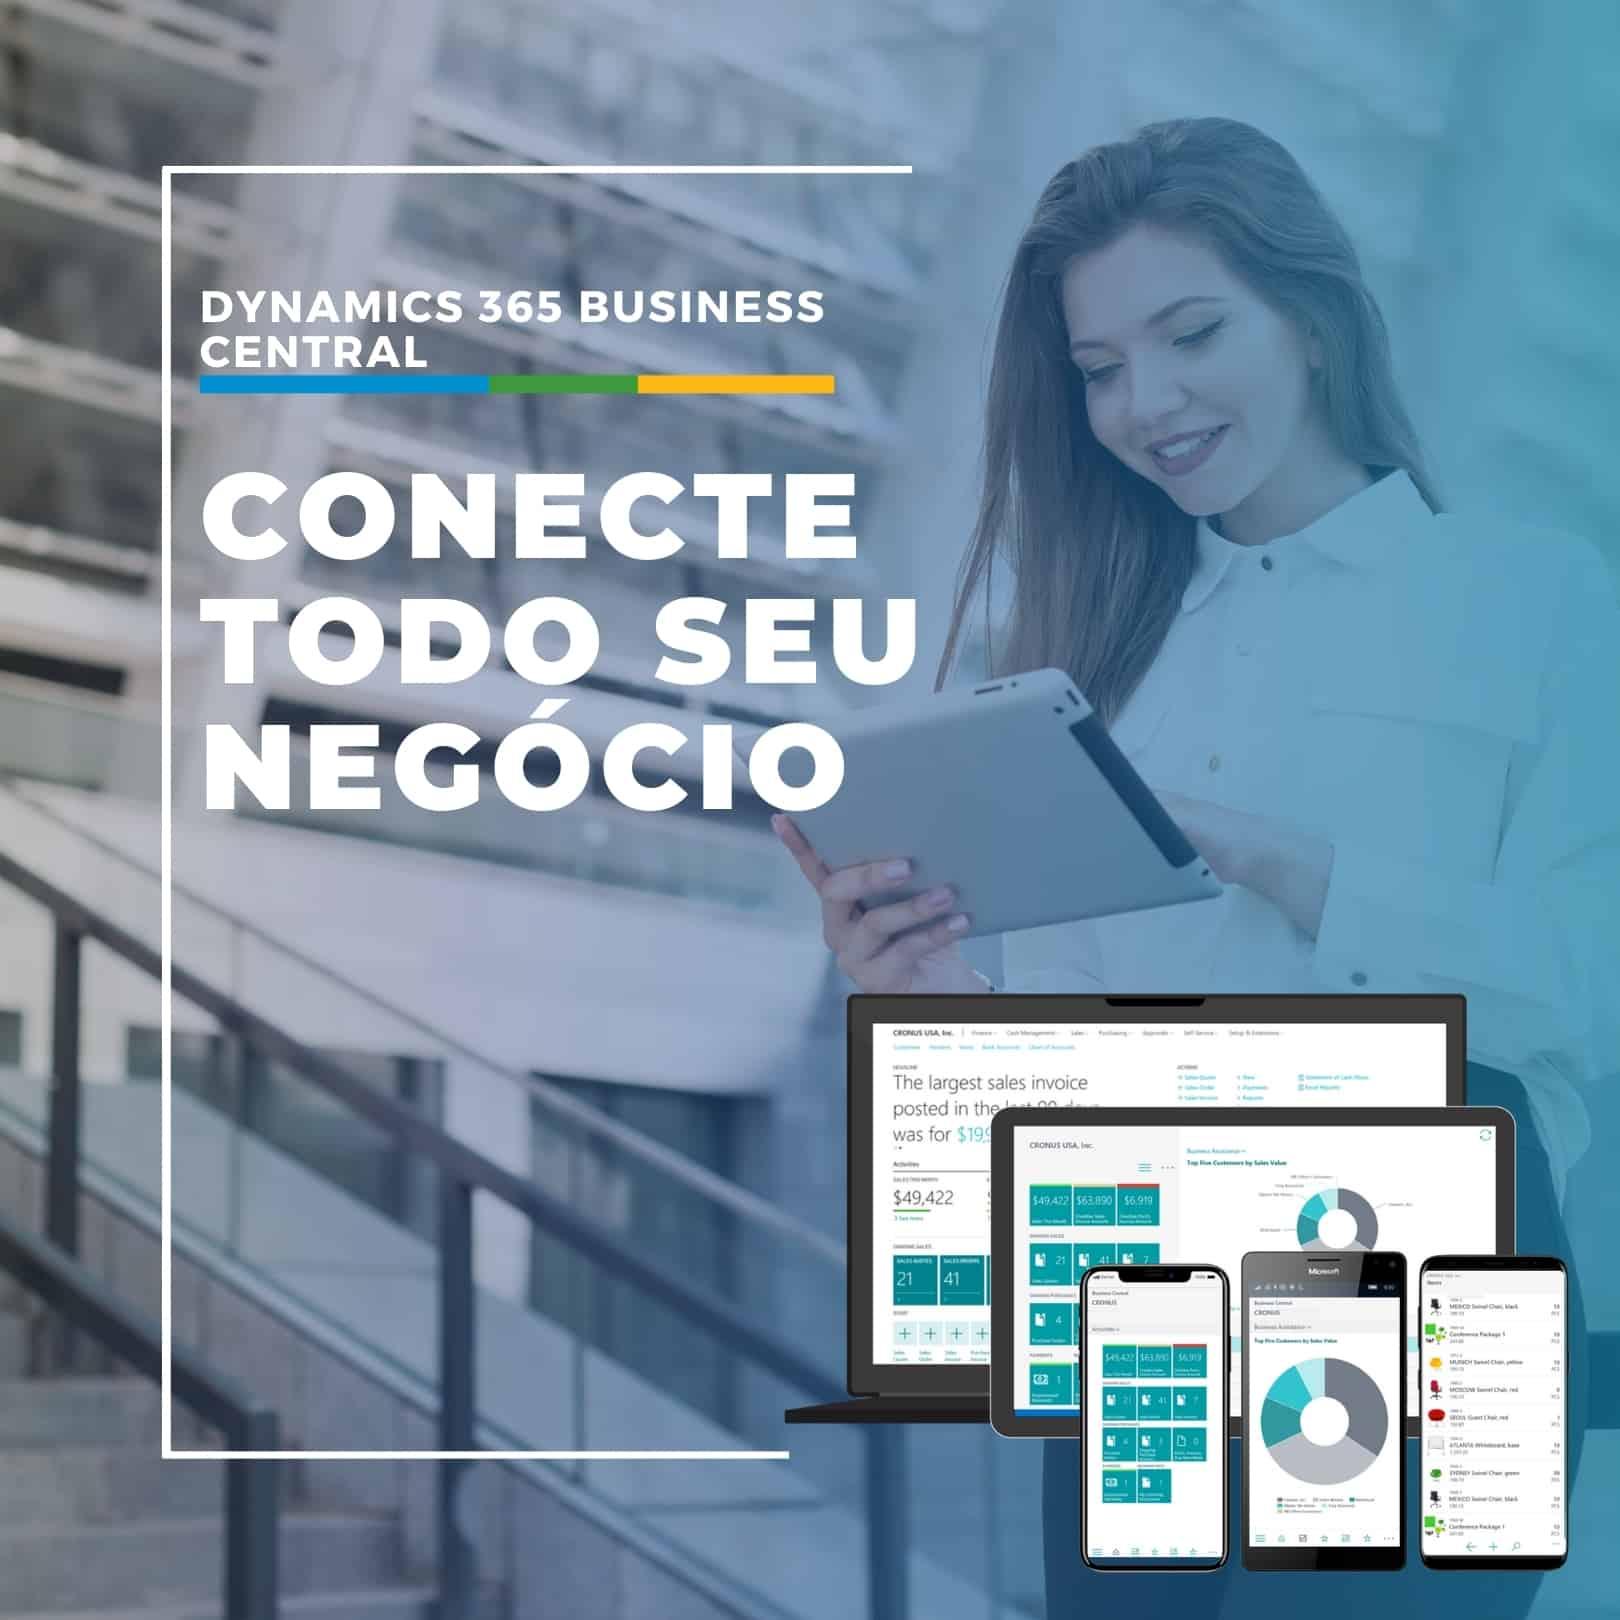 Conecte-todo-seu-negócio-Business-Central-Dynamics-365